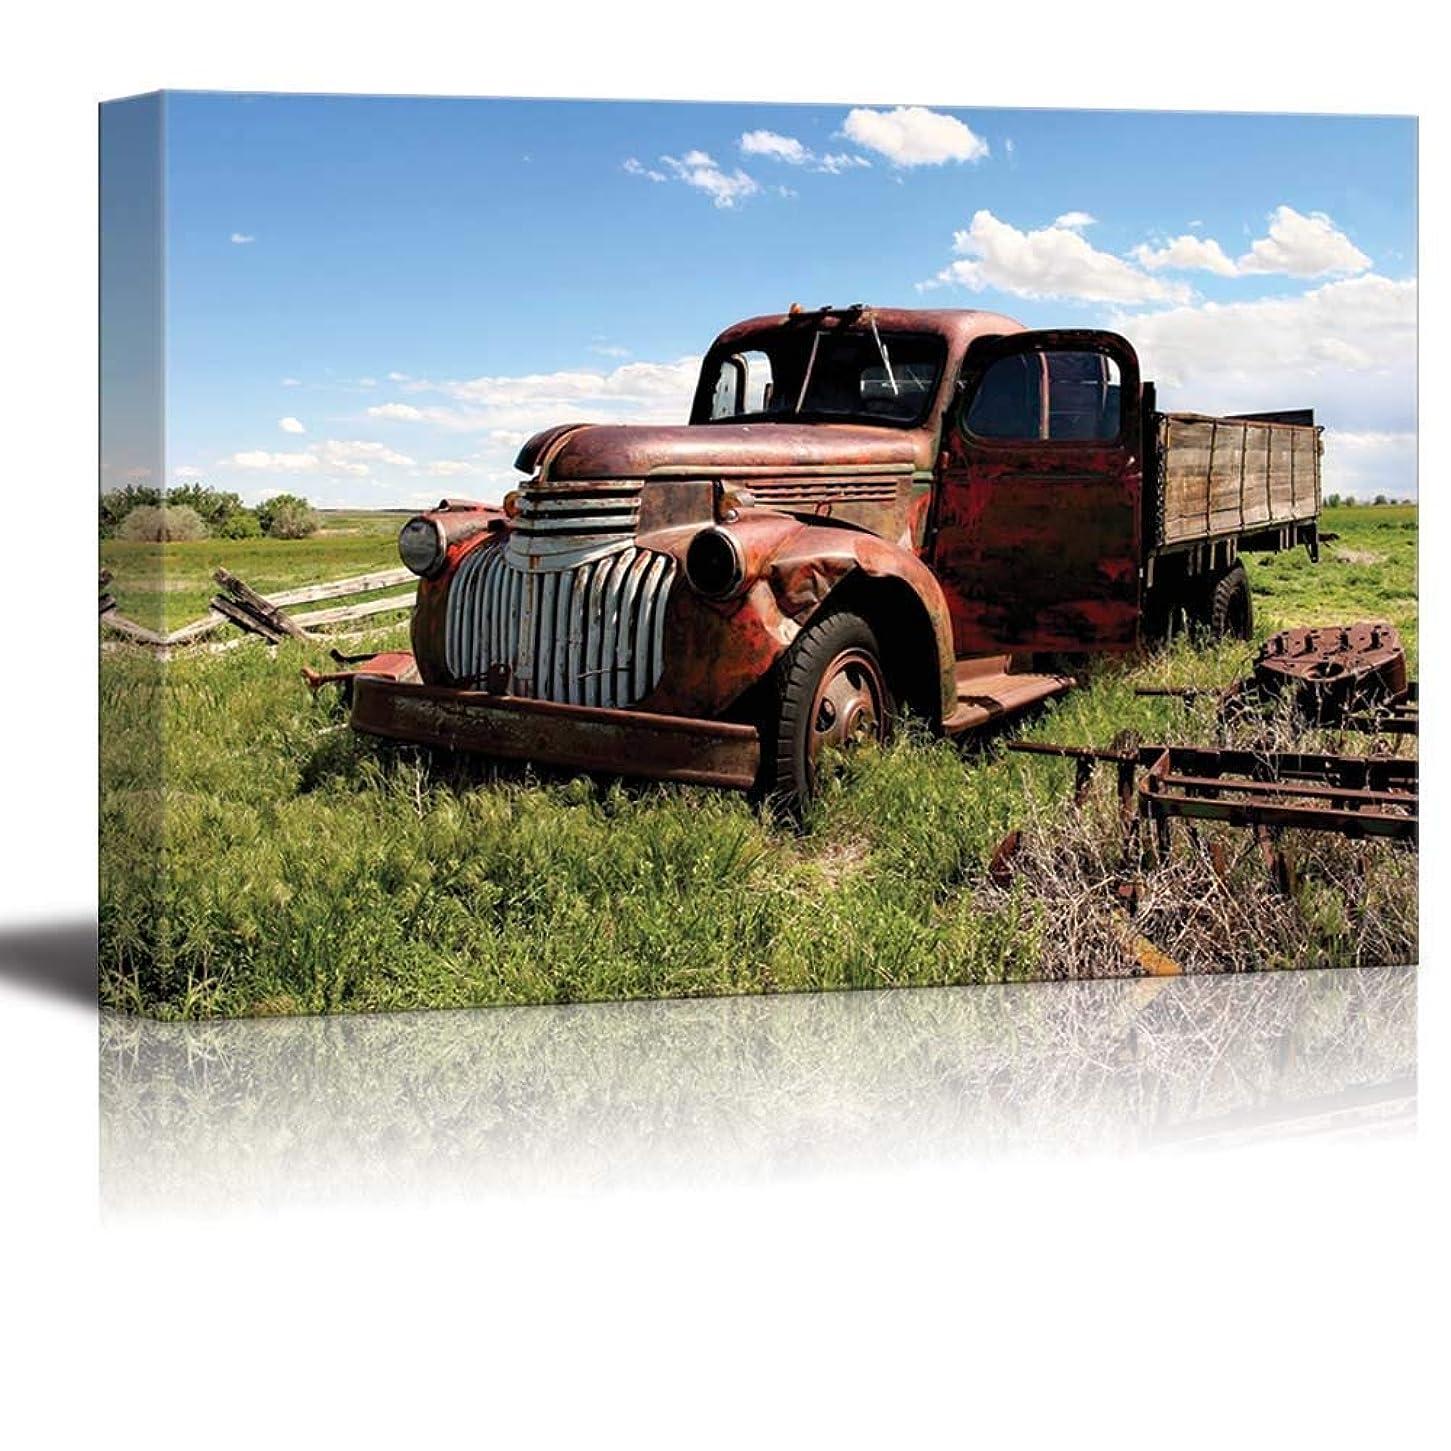 一掃する毒はげウォールプリントアート - ビンテージピックアップトラックのフィールド入り モダンホームインテリア ストレッチギャラリーキャンバスラップジークレープリント 額入りですぐに掛けられます - 24インチ x 36インチ。 20